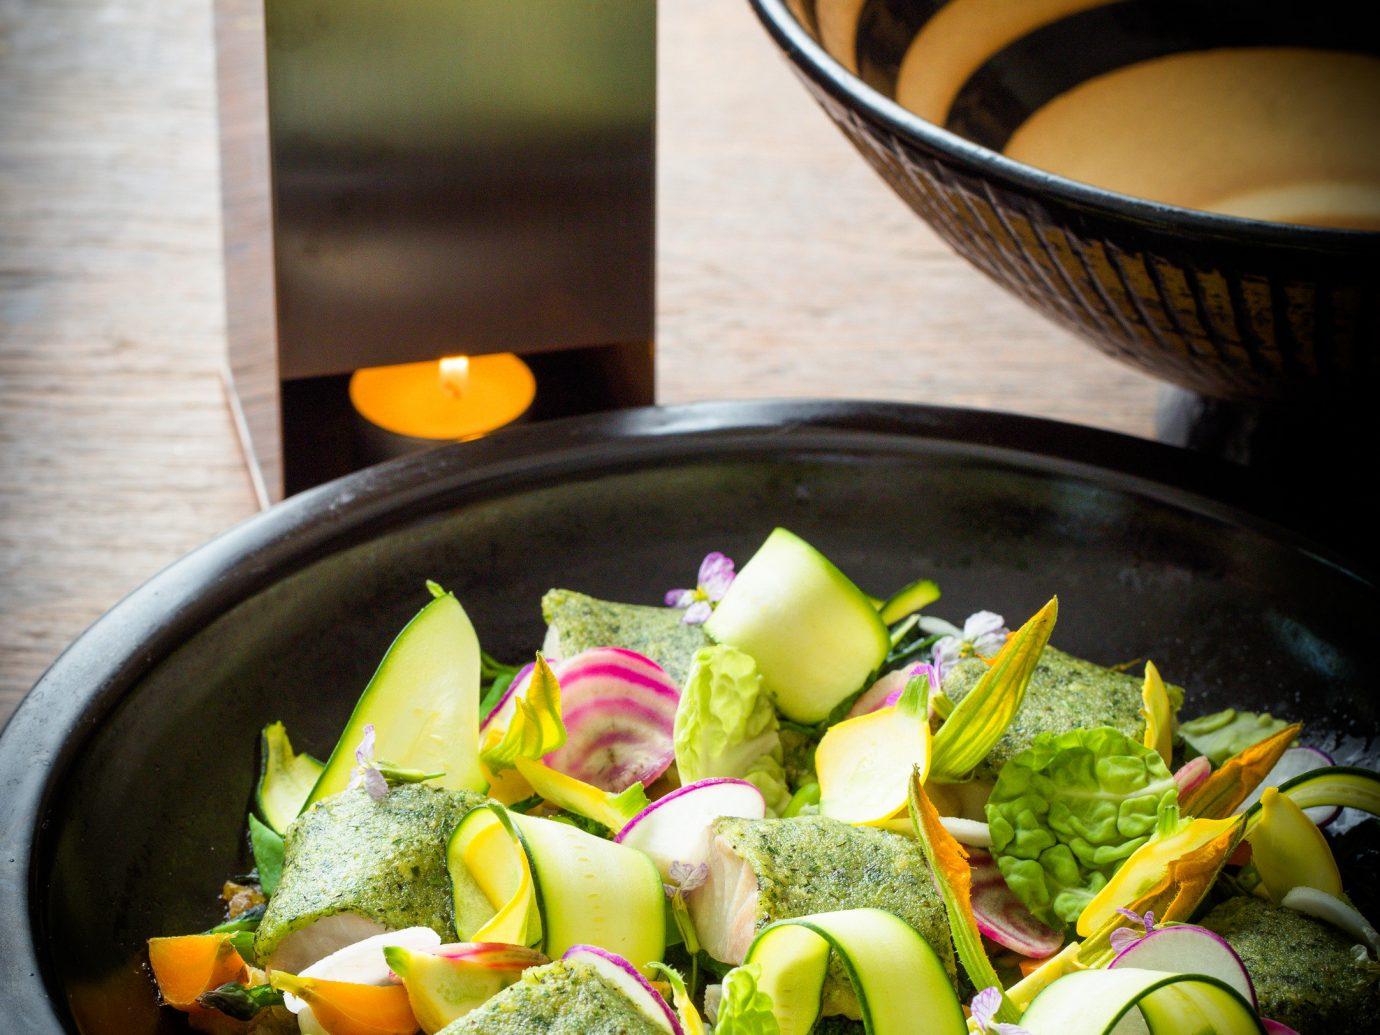 Food + Drink food table dish produce vegetable black cuisine salad bowl